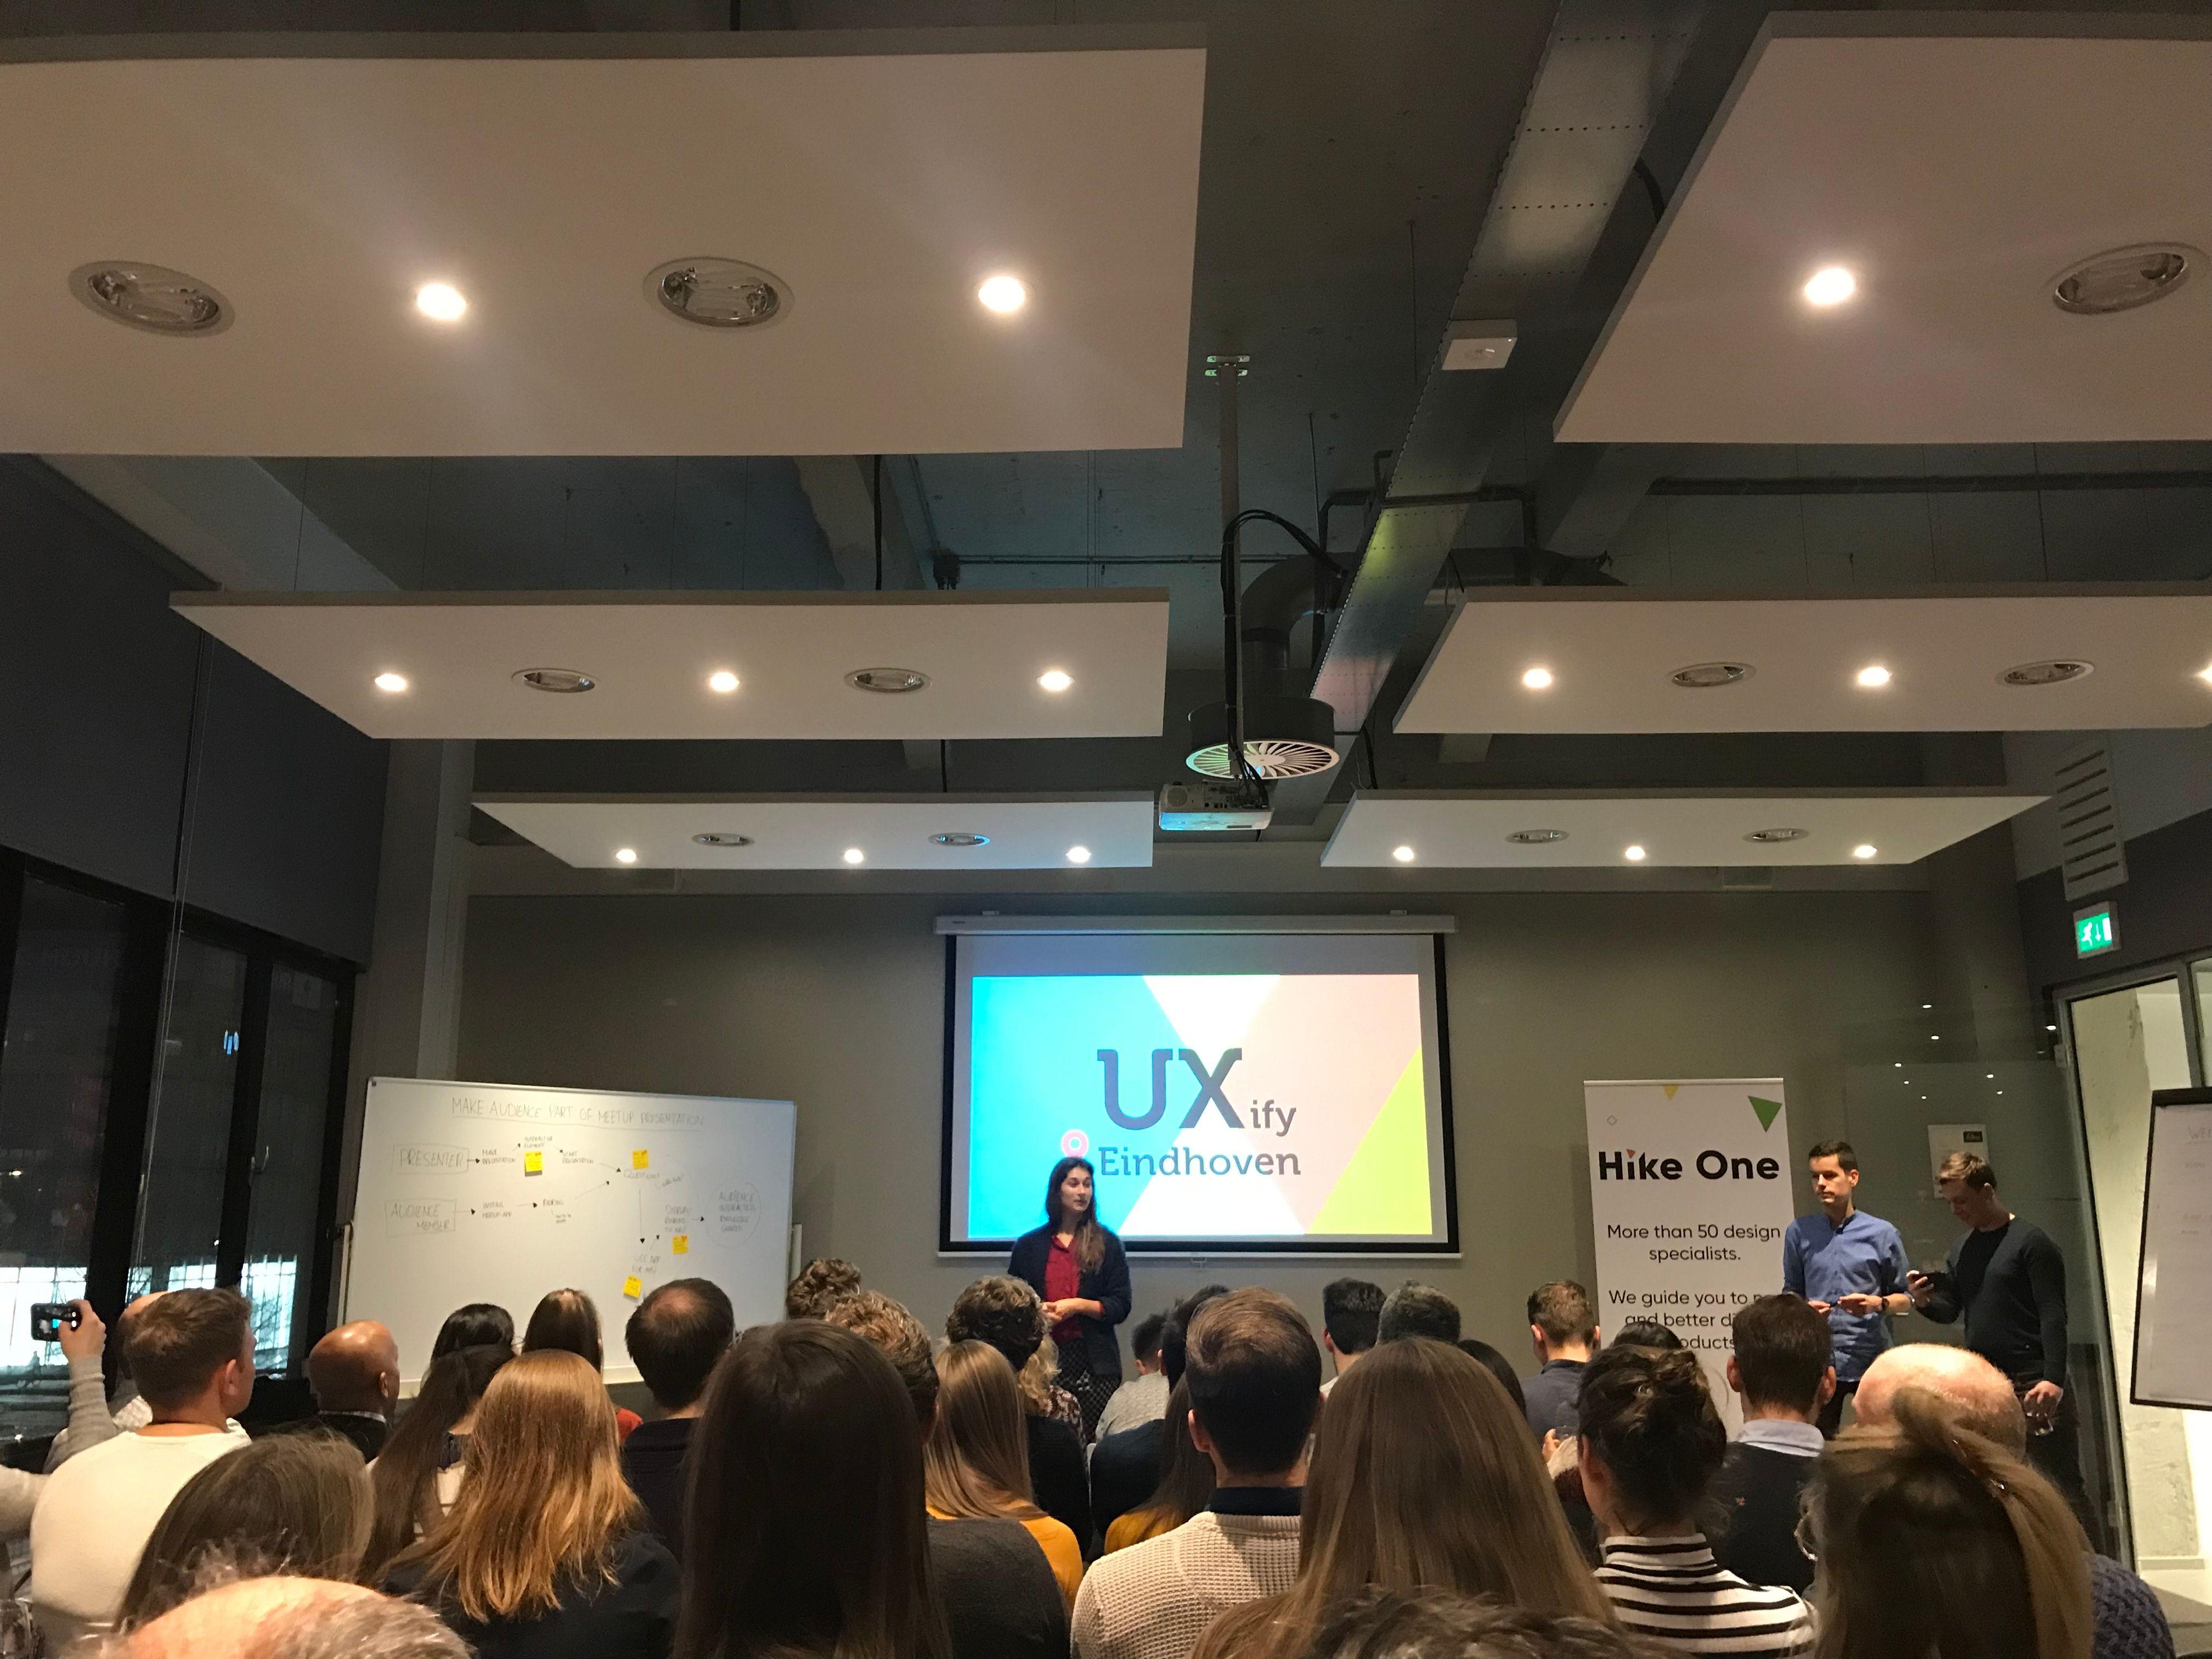 UXify Eindhoven